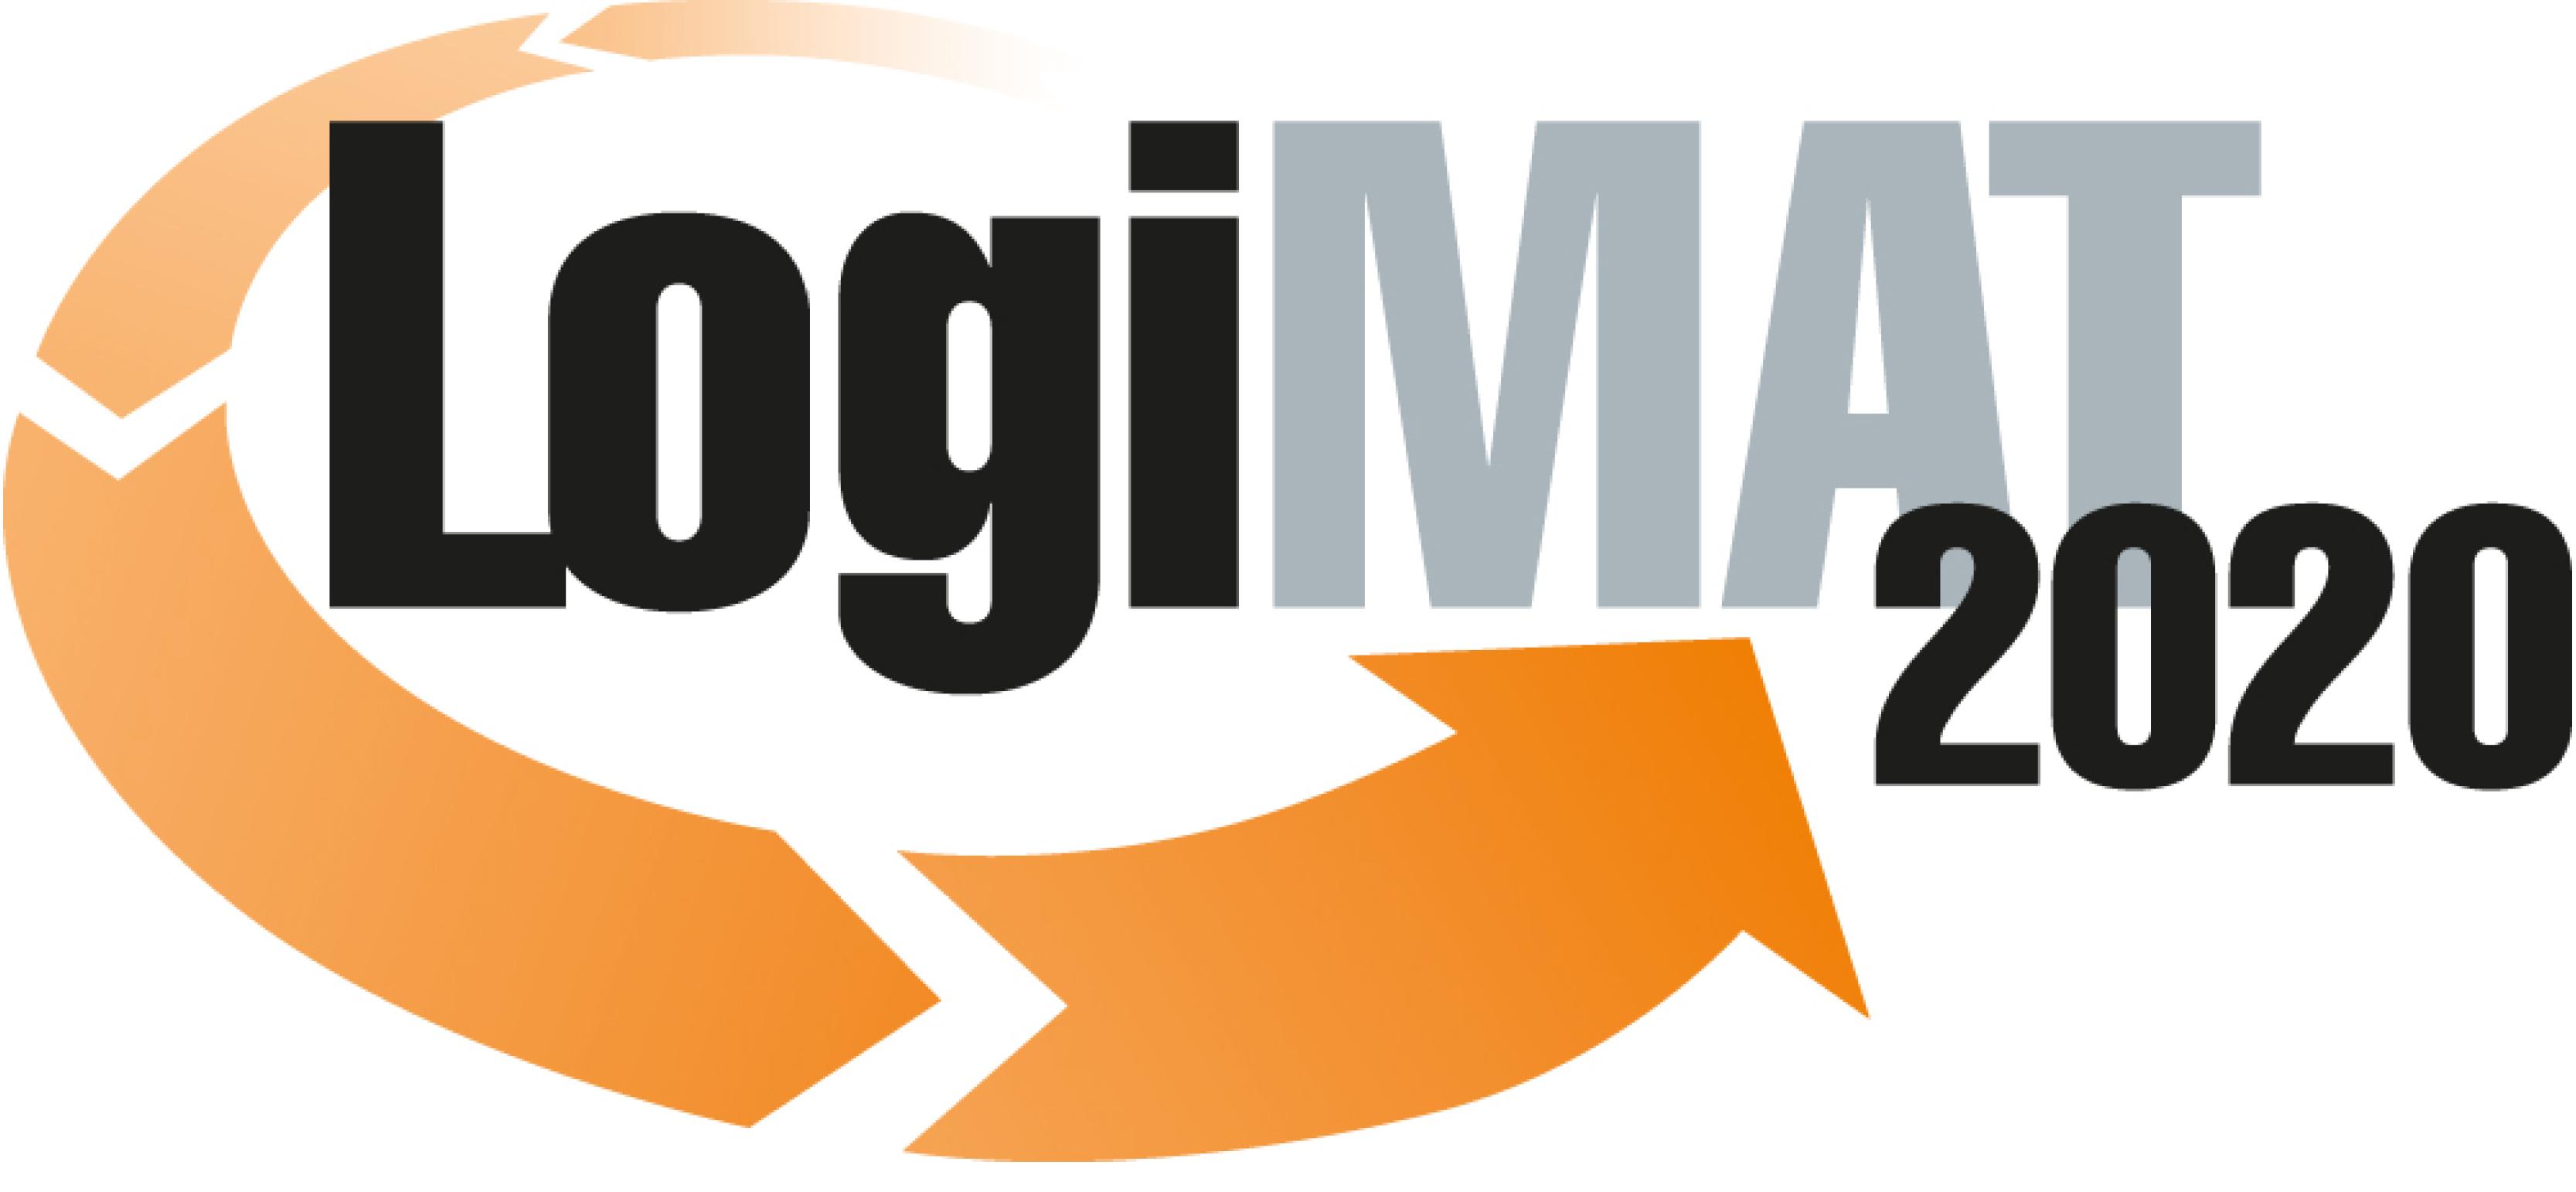 Aktuelles und Wissenswertes: KIRSCH auf der LogiMAT 2020 / Absage auf Grund von Corona